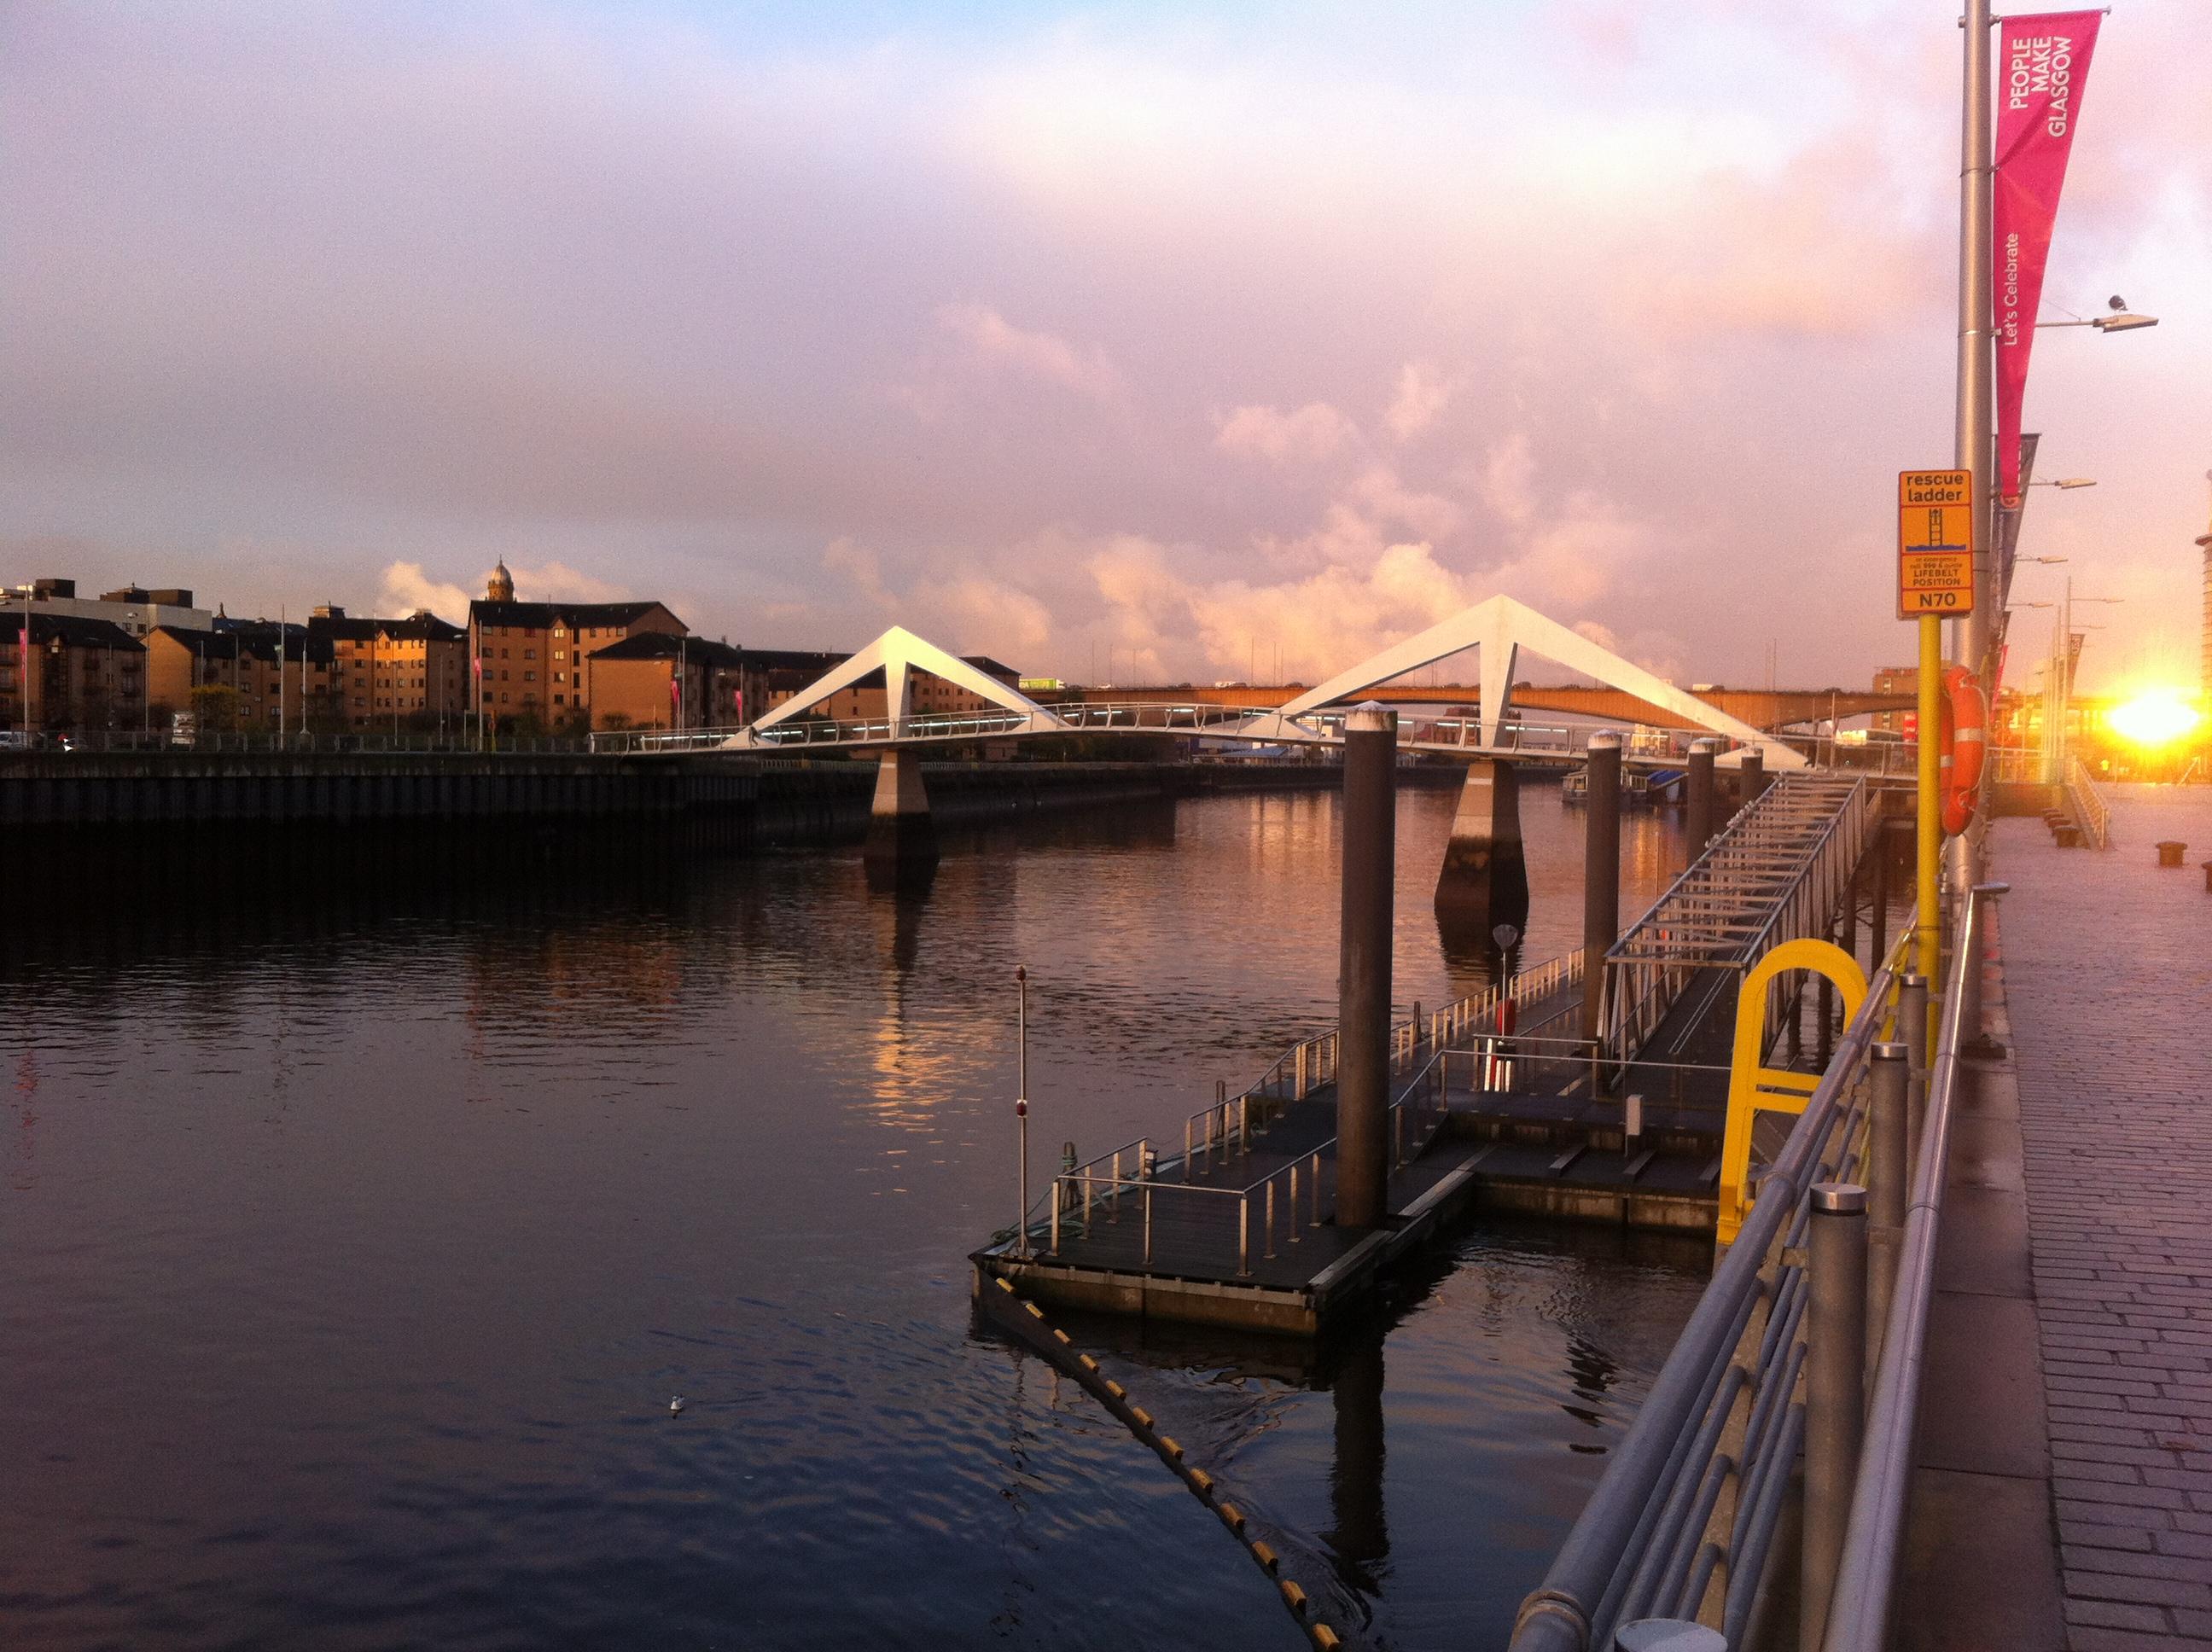 Amanecer sobre el río Clyde, en Glasgow